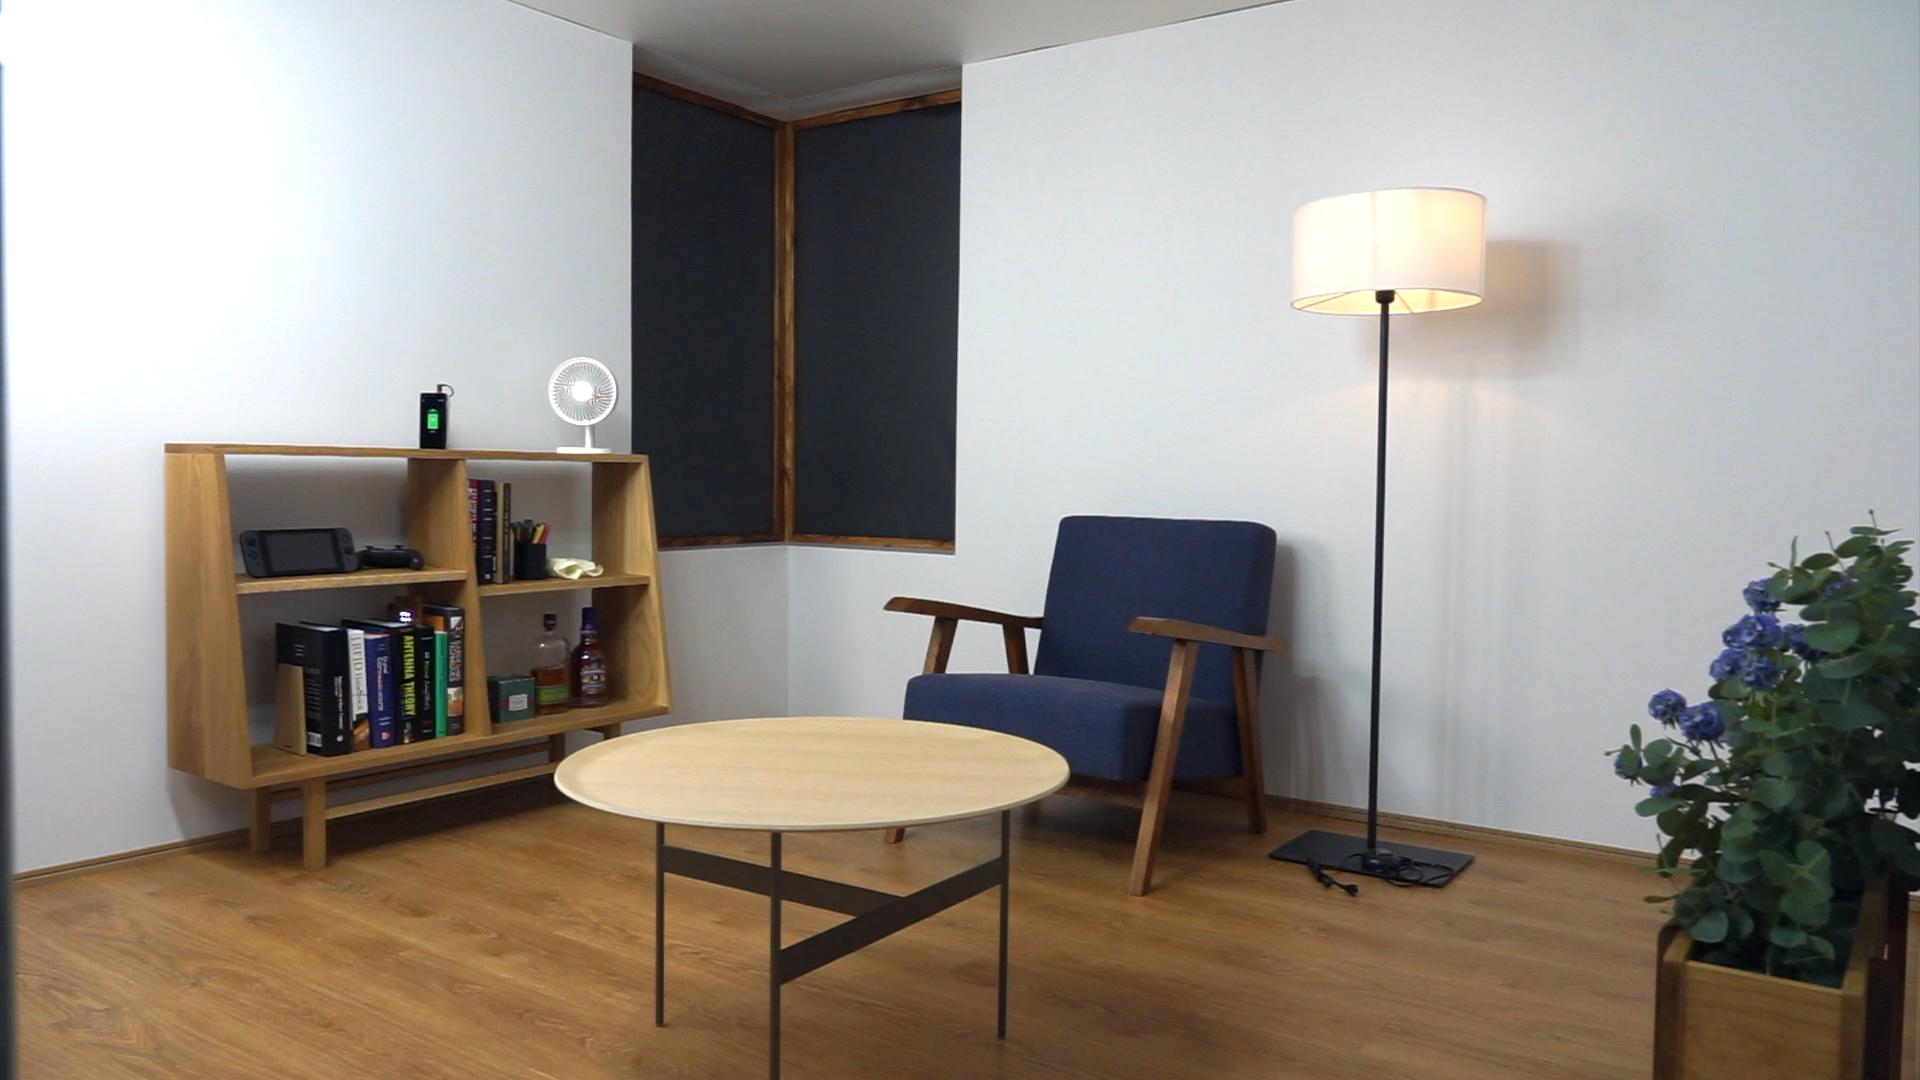 房间规模无线充电:穿戴设备和物联网的新革